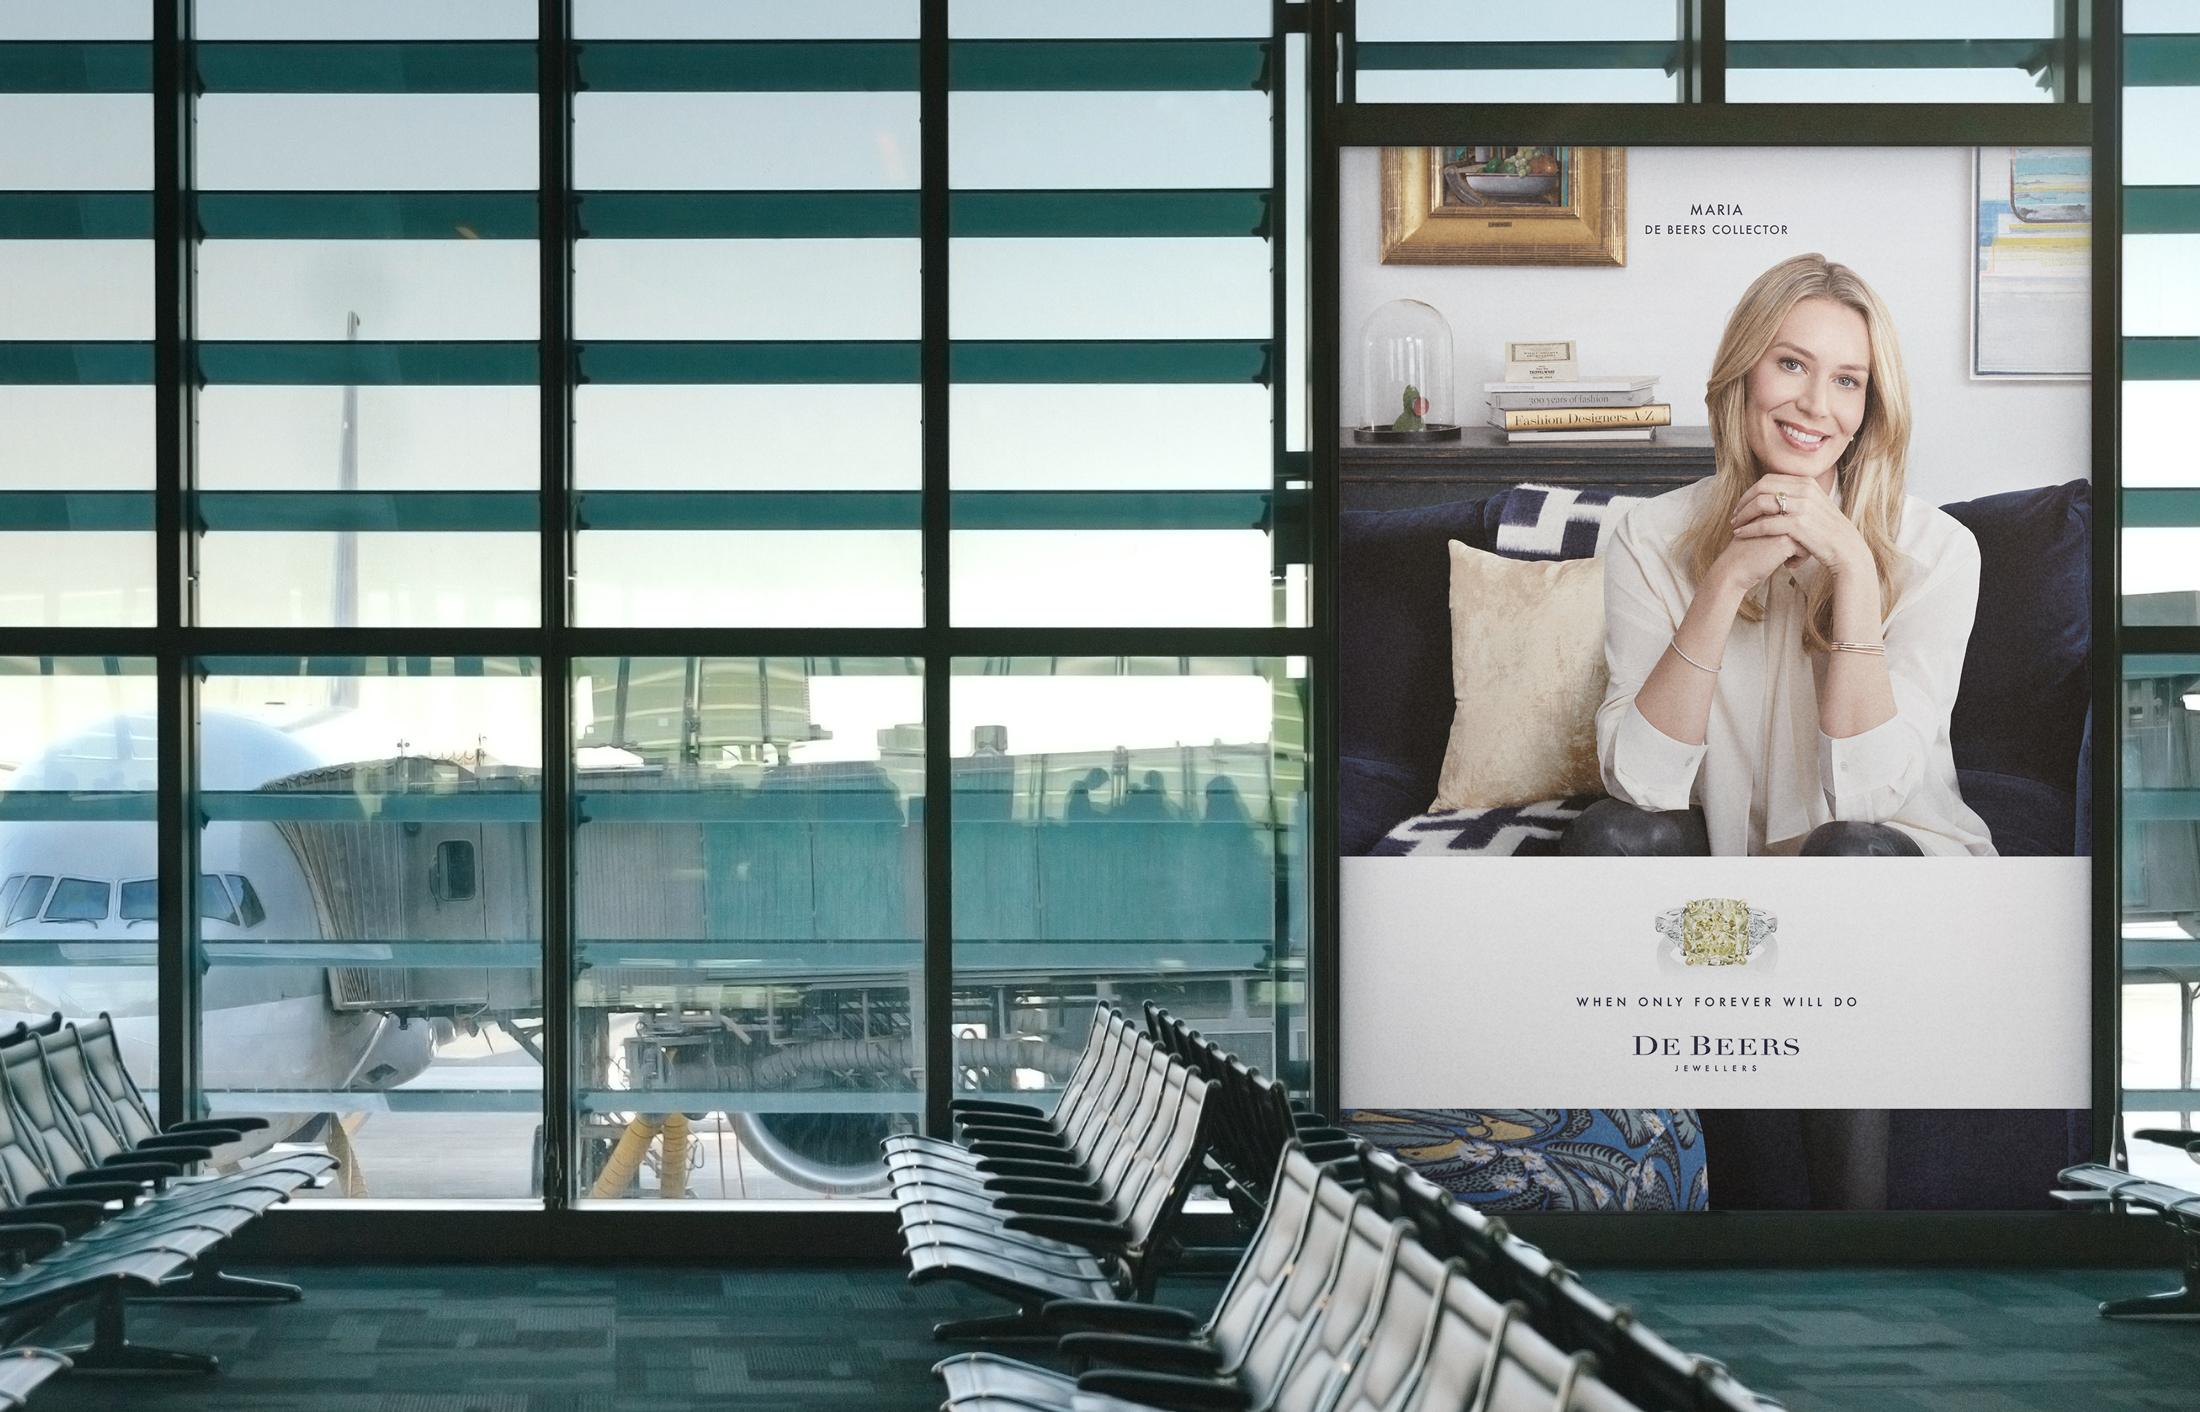 Digital OOH digital advertising campaign for De Beers Jewellers